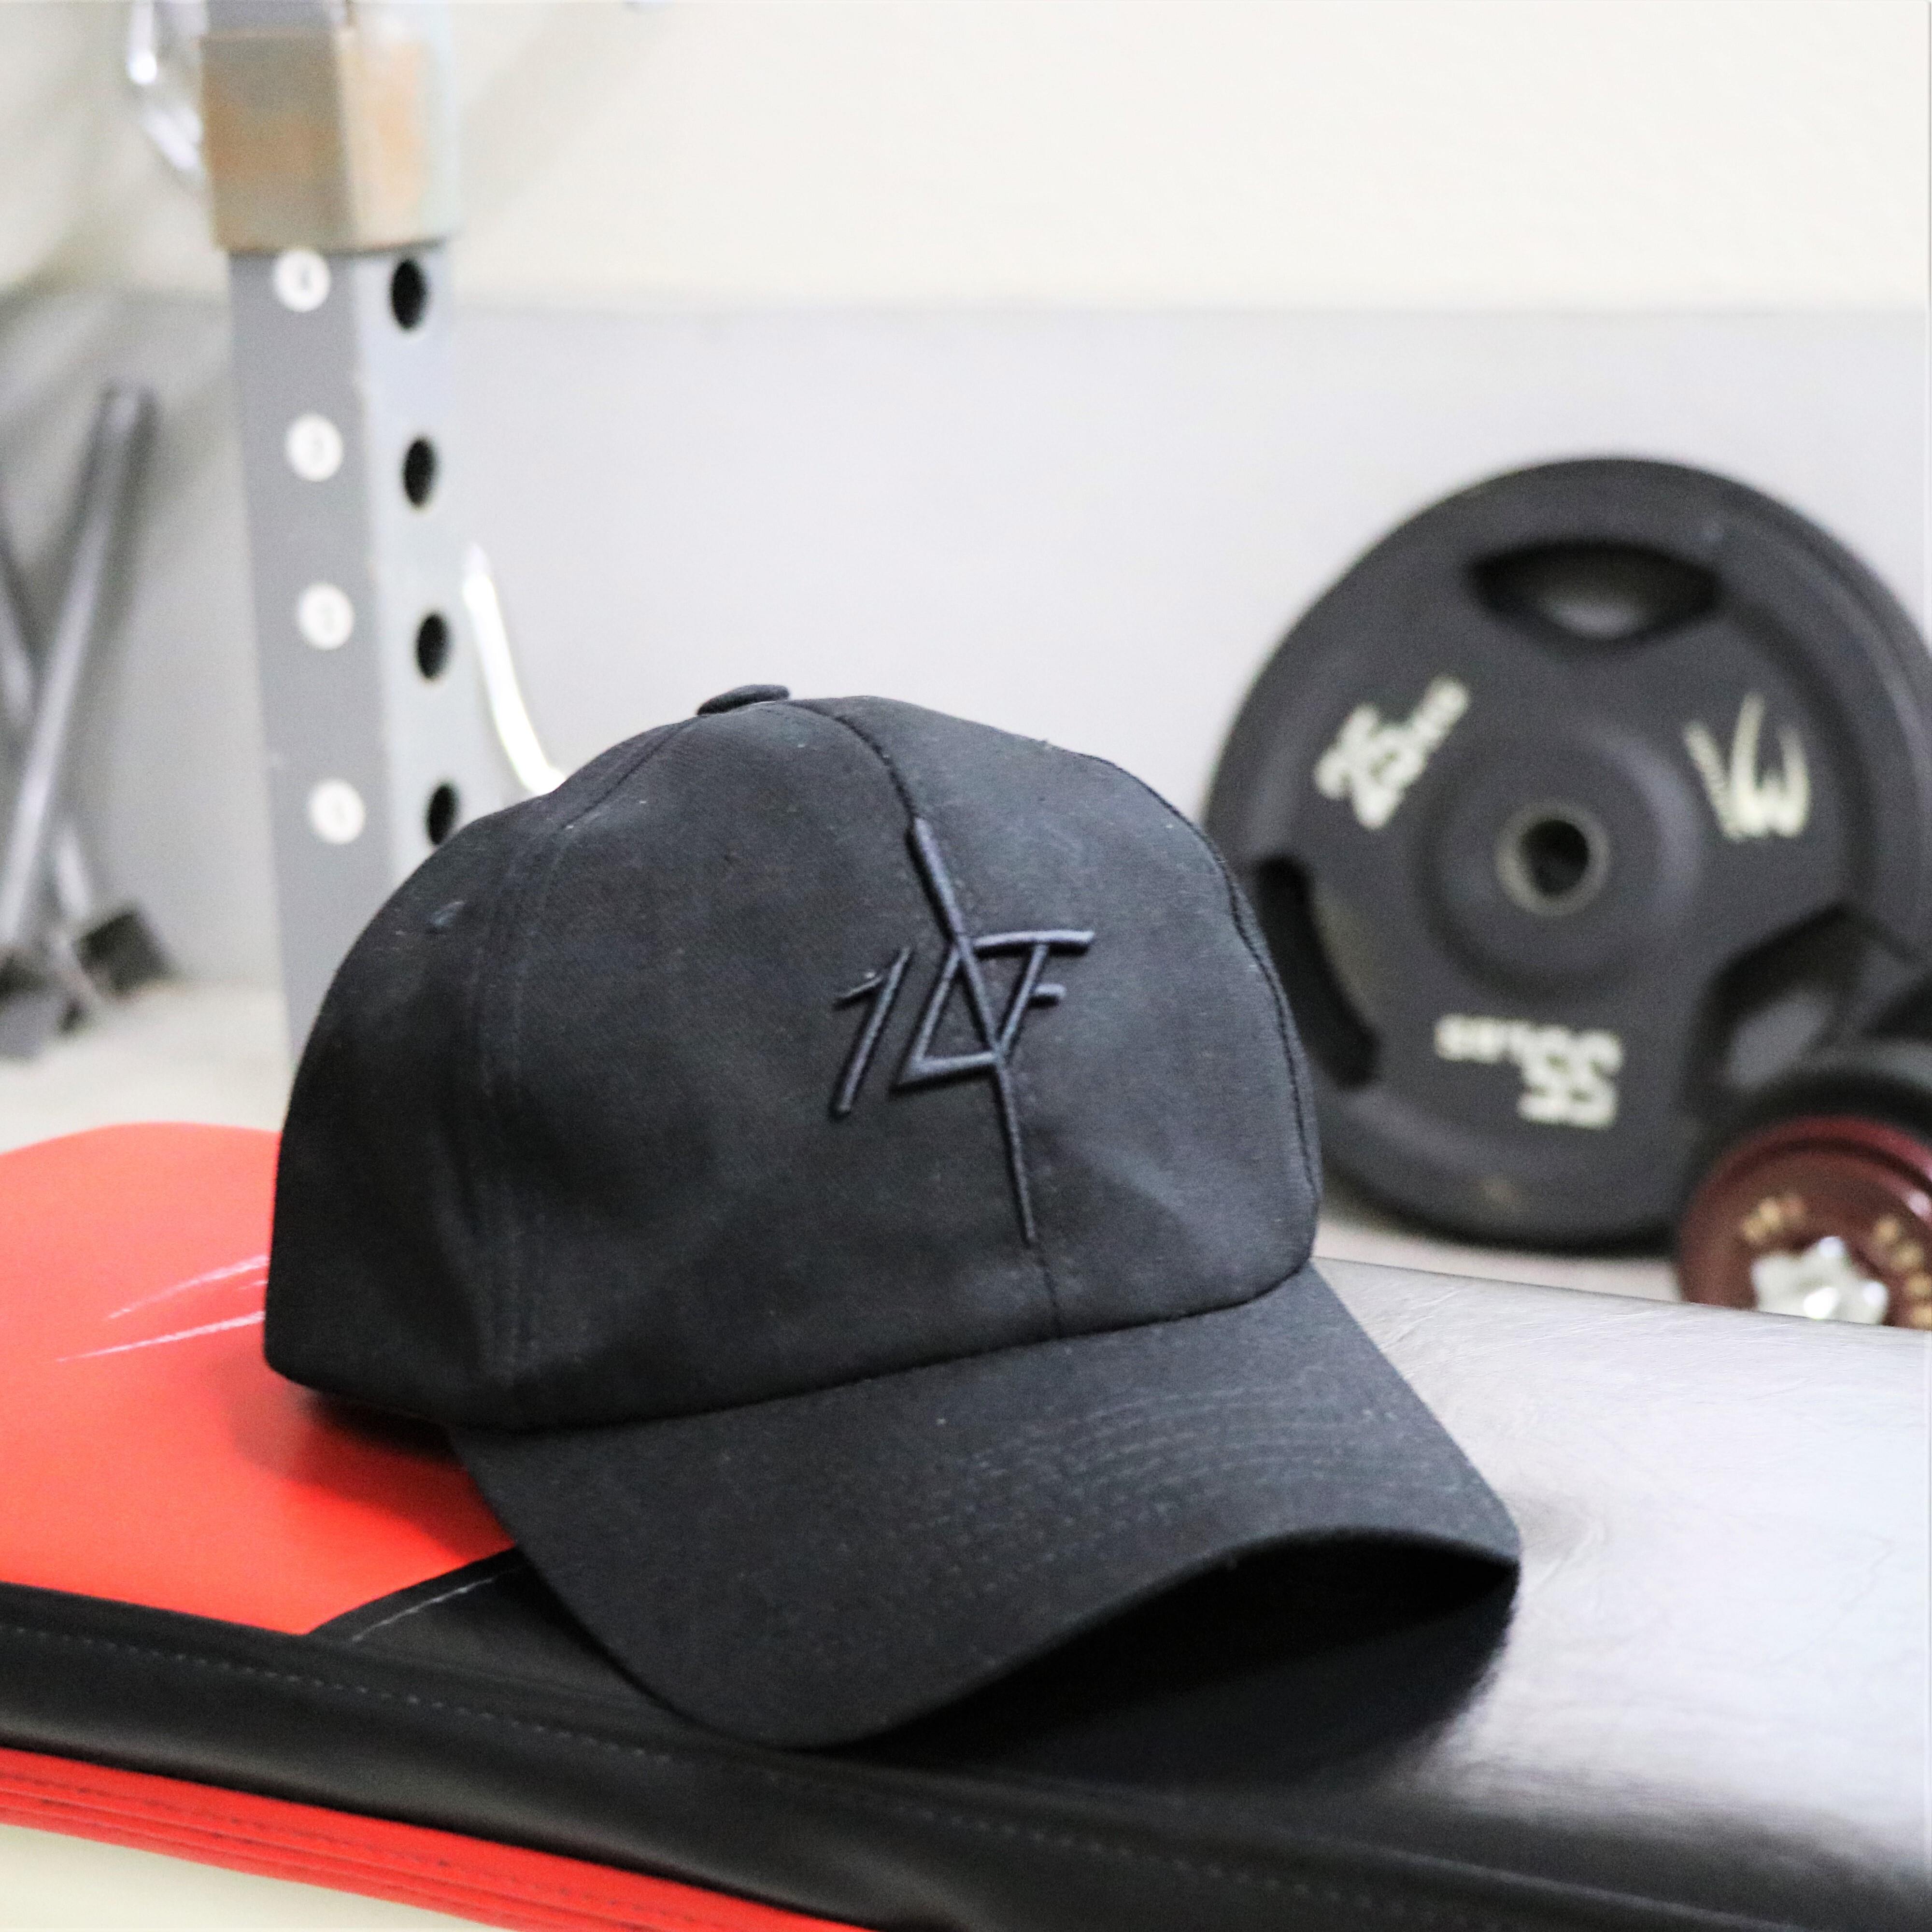 【10FIT】トレーニング キャップ3D刺繍 ブラック